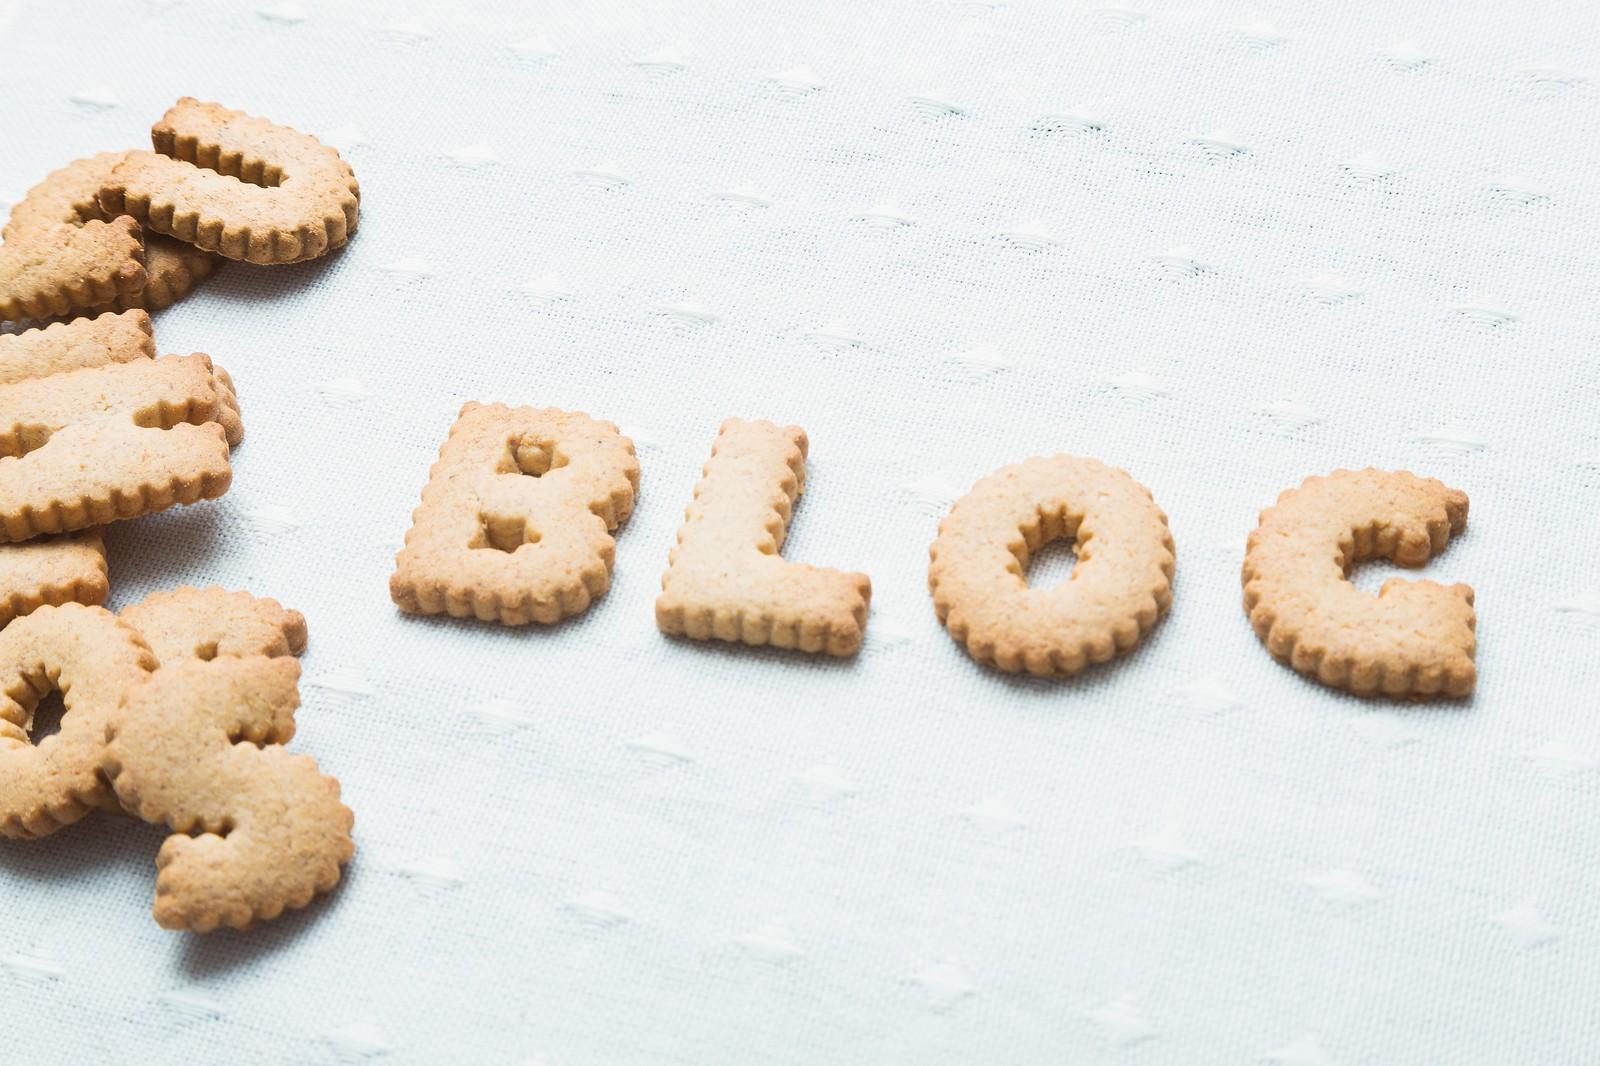 ブログが書けない!ネタに困った時の探し方4つ